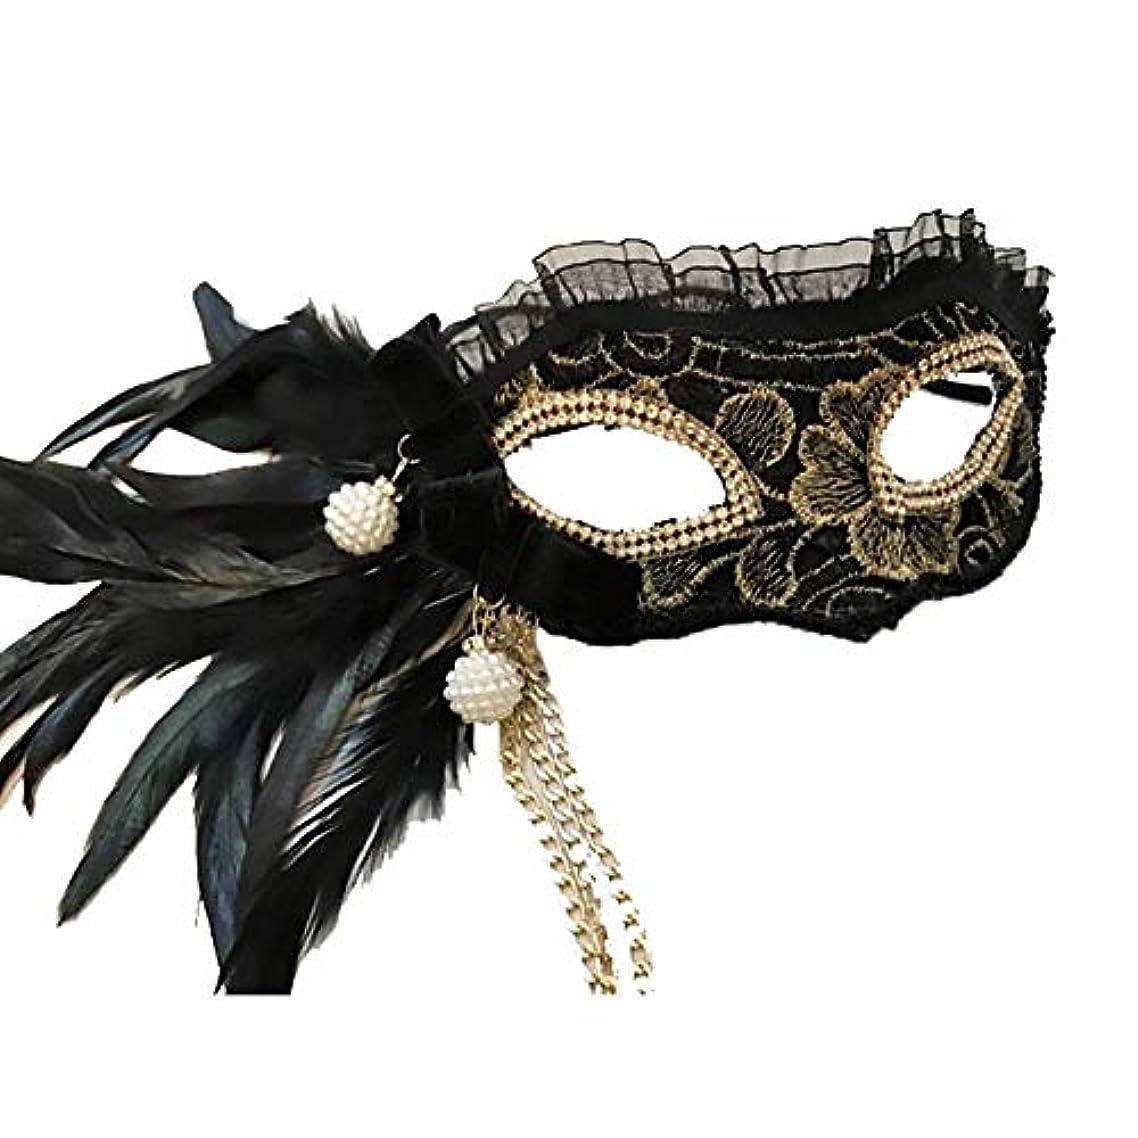 バケツ突っ込む協力的Nanle ハロウィンクリスマスフェザー刺繍フリンジフラワービーズマスク仮装マスクレディミスプリンセス美容祭パーティーデコレーションマスク (色 : Style A)